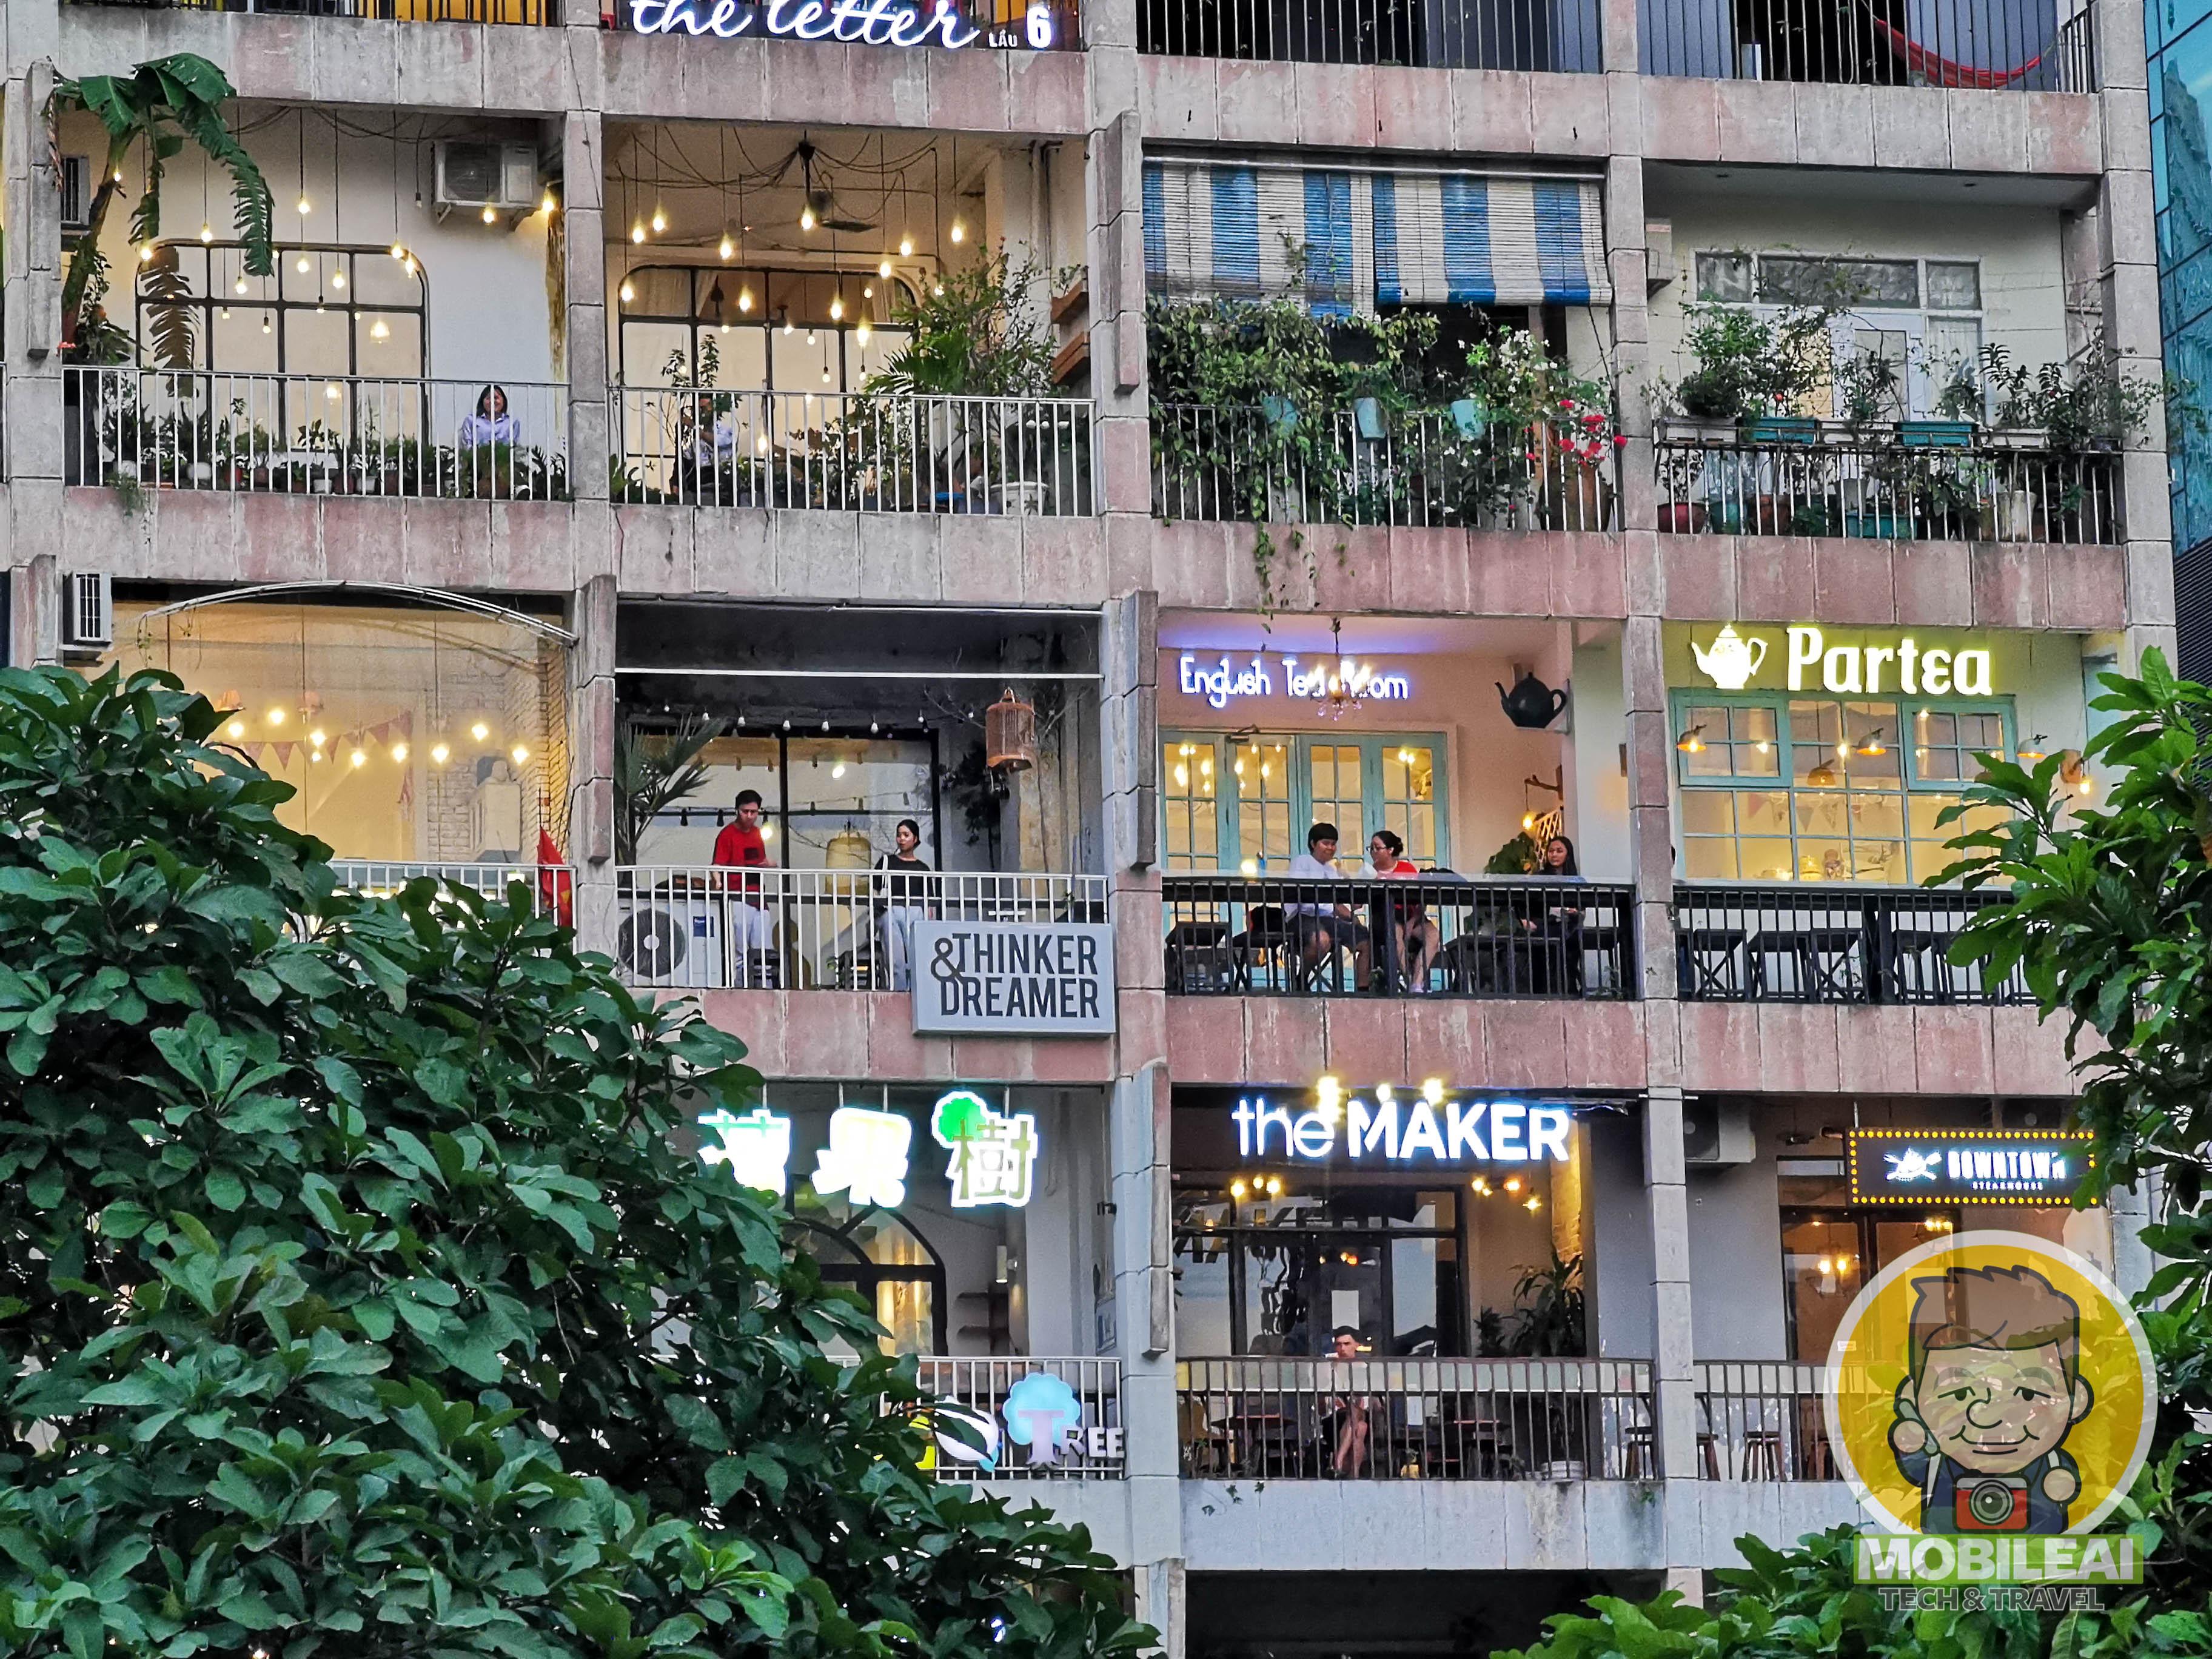 胡志明必去文青景點咖啡公寓 The Cafe Apartments 該怎麼去?咖啡公寓外觀最佳拍攝位置又在哪? - 傳說中的挨踢部門